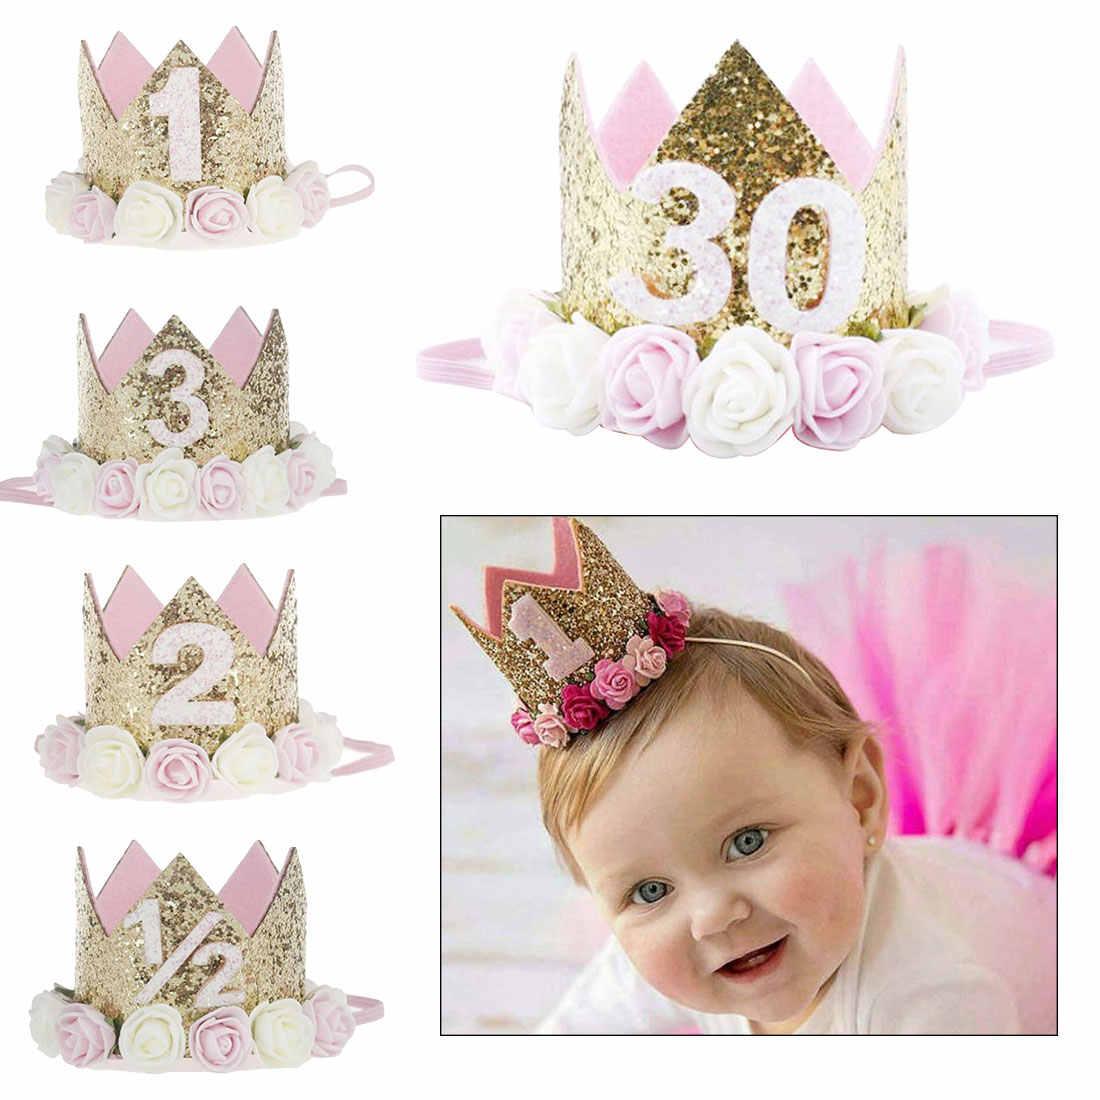 Для маленьких девочек Шляпы для вечеринки по случаю Дня рождения детей От 1 до 3 лет День рождения принцессы короны детские номер Кепки вечерние украшения спрос среди детей повязка на голову